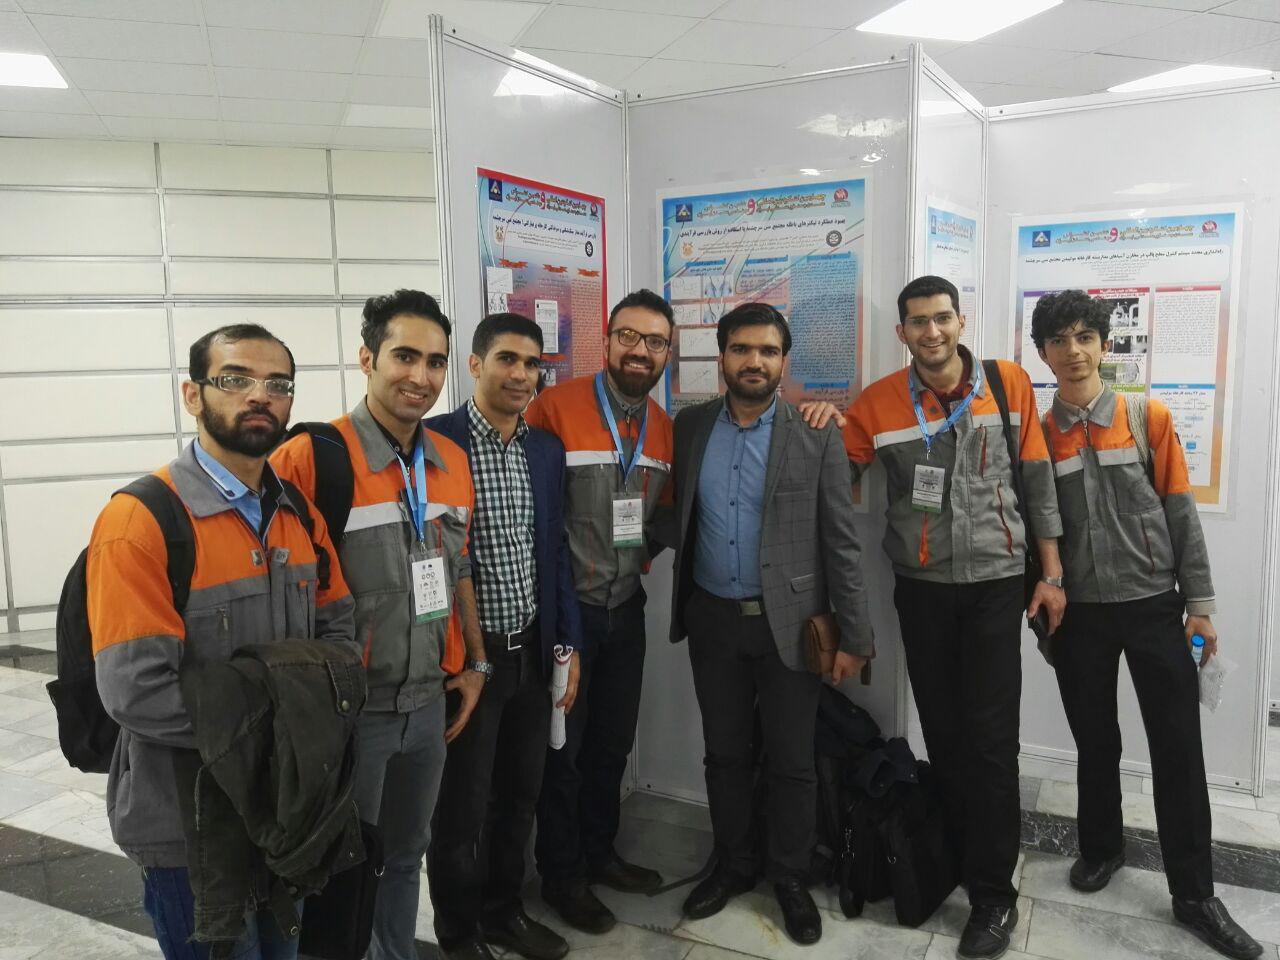 حضور فعال مرکز تحقیقات کاشی گر در چهارمین کنگره بین المللی معدن و صنایع معدنی و ششمین کنفرانس مهندسی معدن ایران